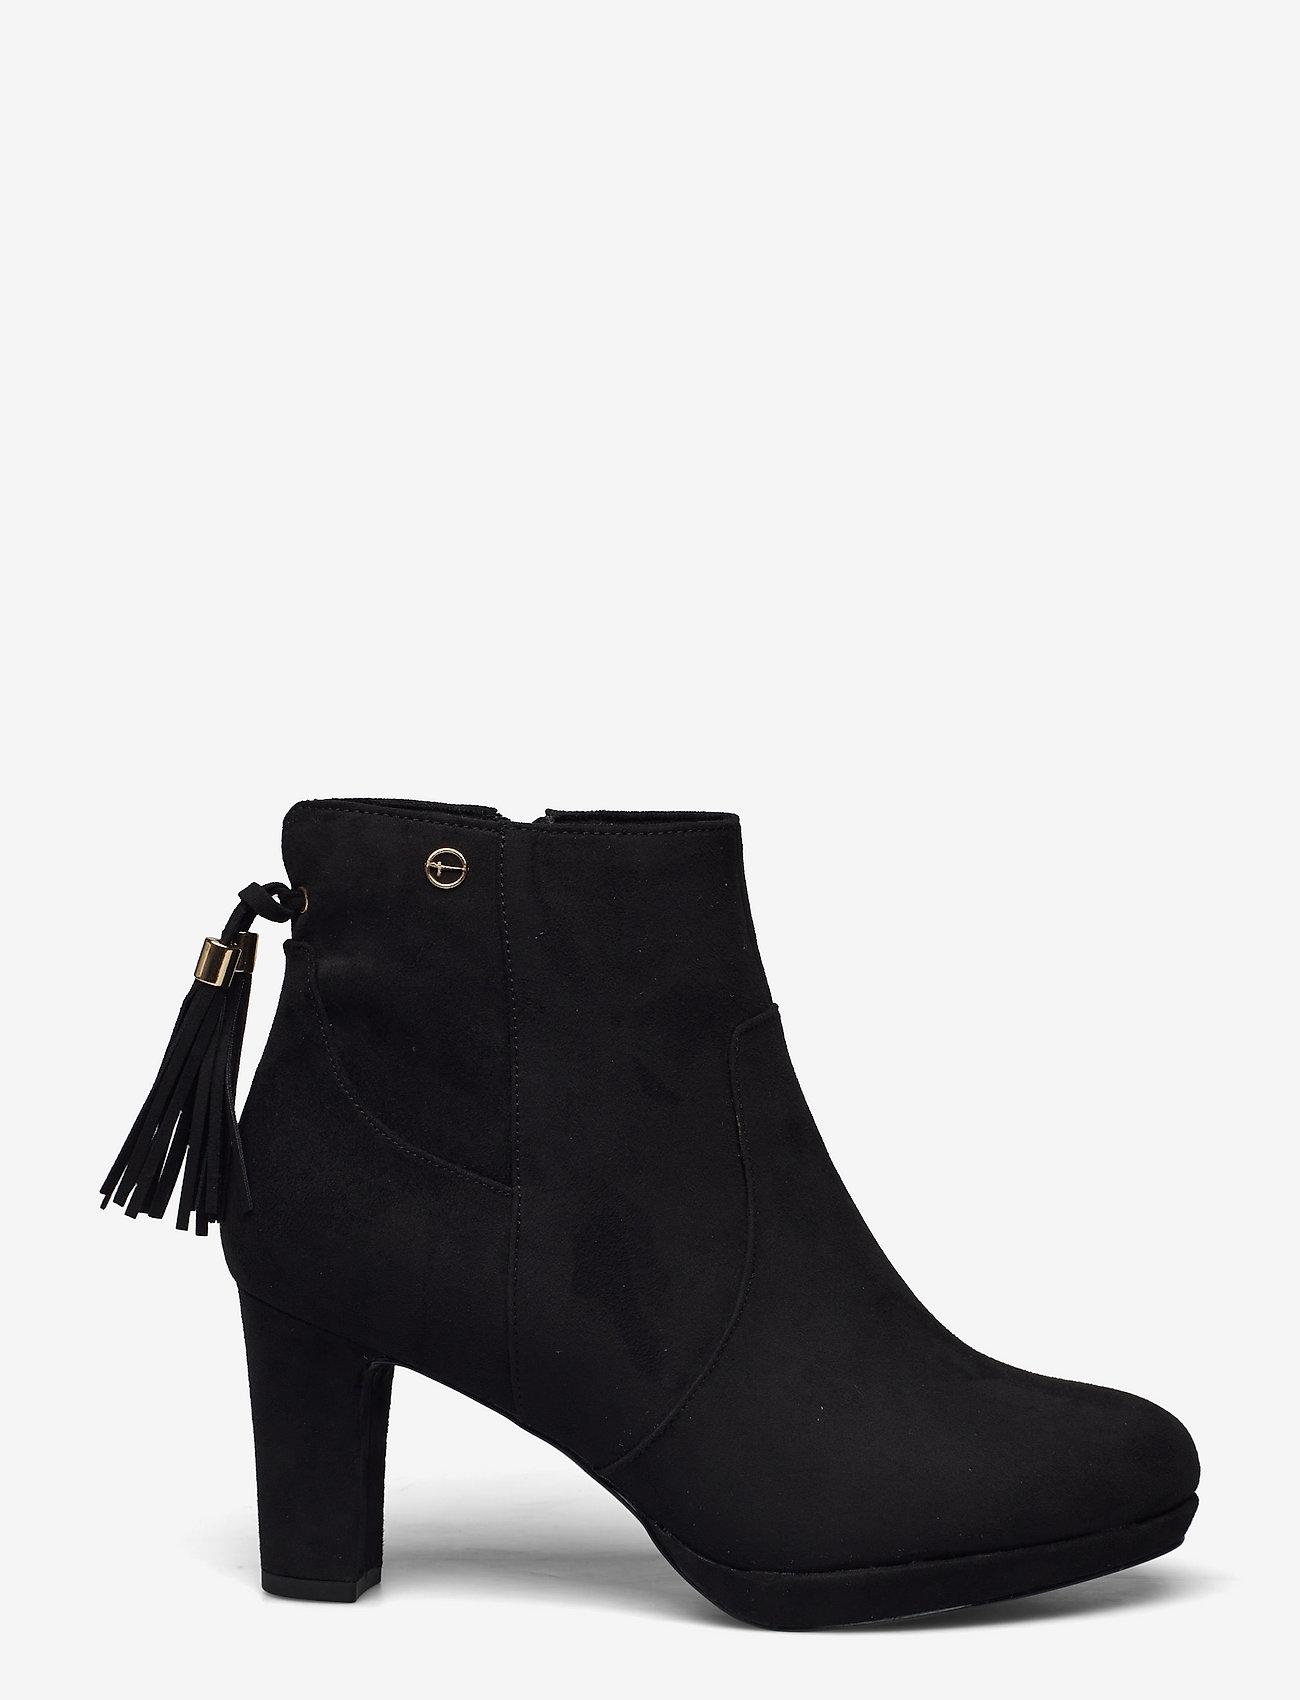 Tamaris - Woms Boots - Aviva - augstpapēžu puszābaki - black - 0